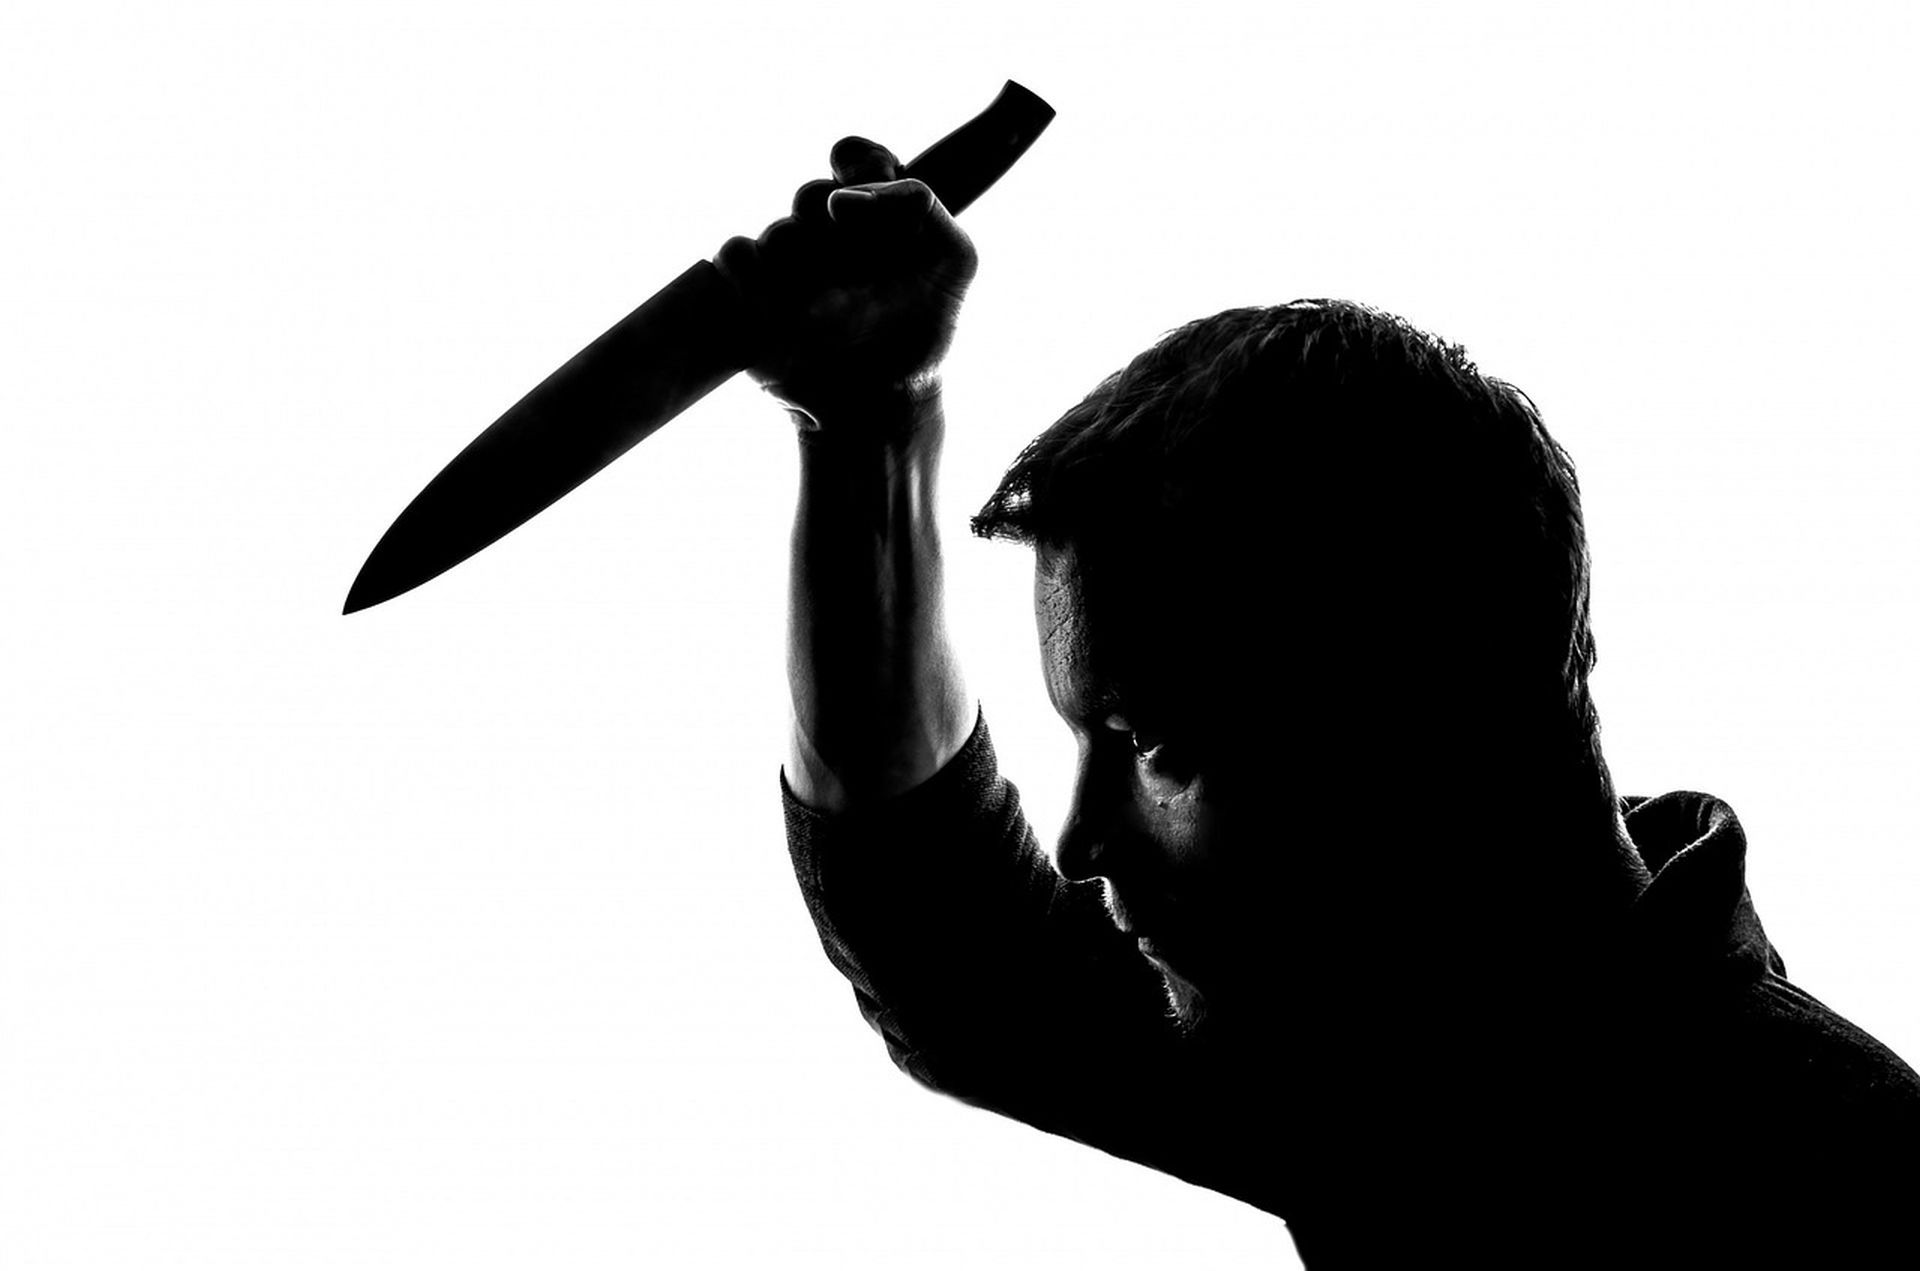 BEOGRAD Muškarac ispred Centra za socijalni rad nožem ubio ženu i udavio četverogodišnje dijete